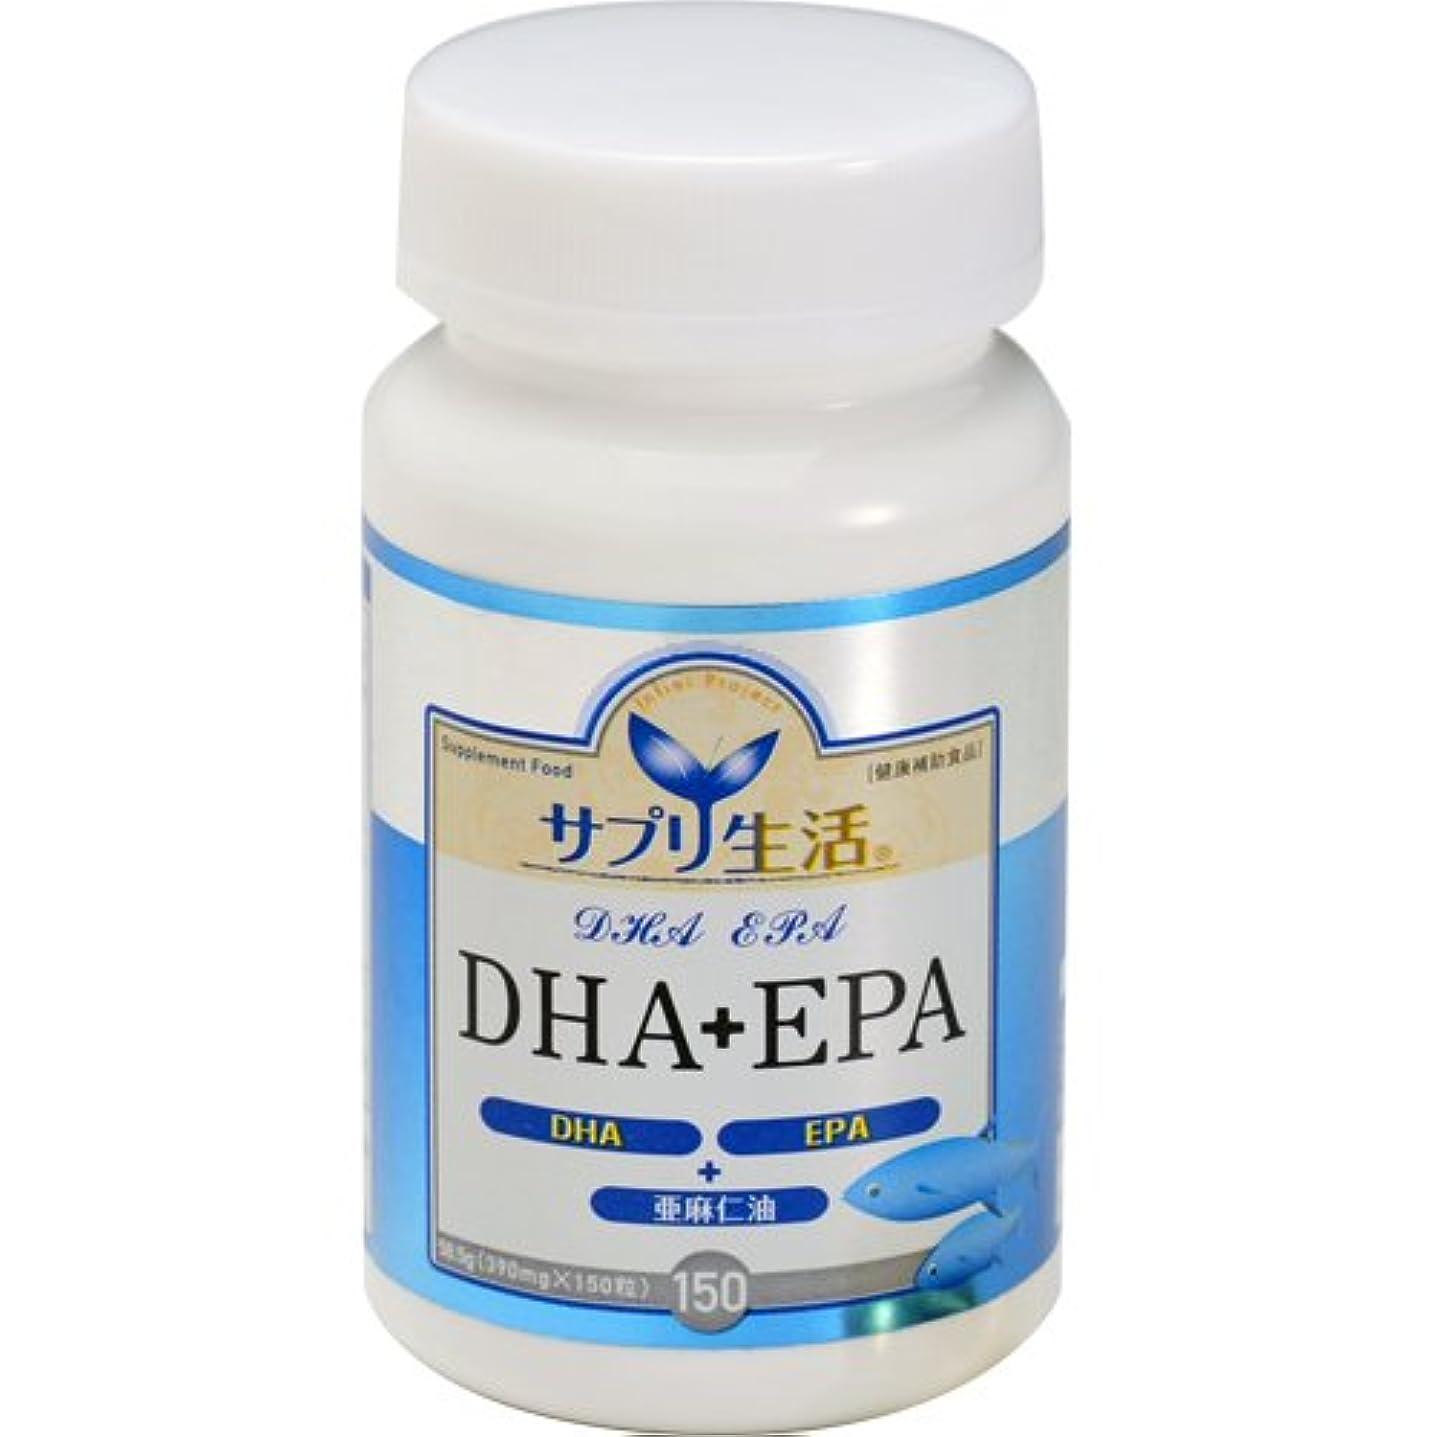 シュリンク食べる起点サプリ生活 DHA+EPA 150粒